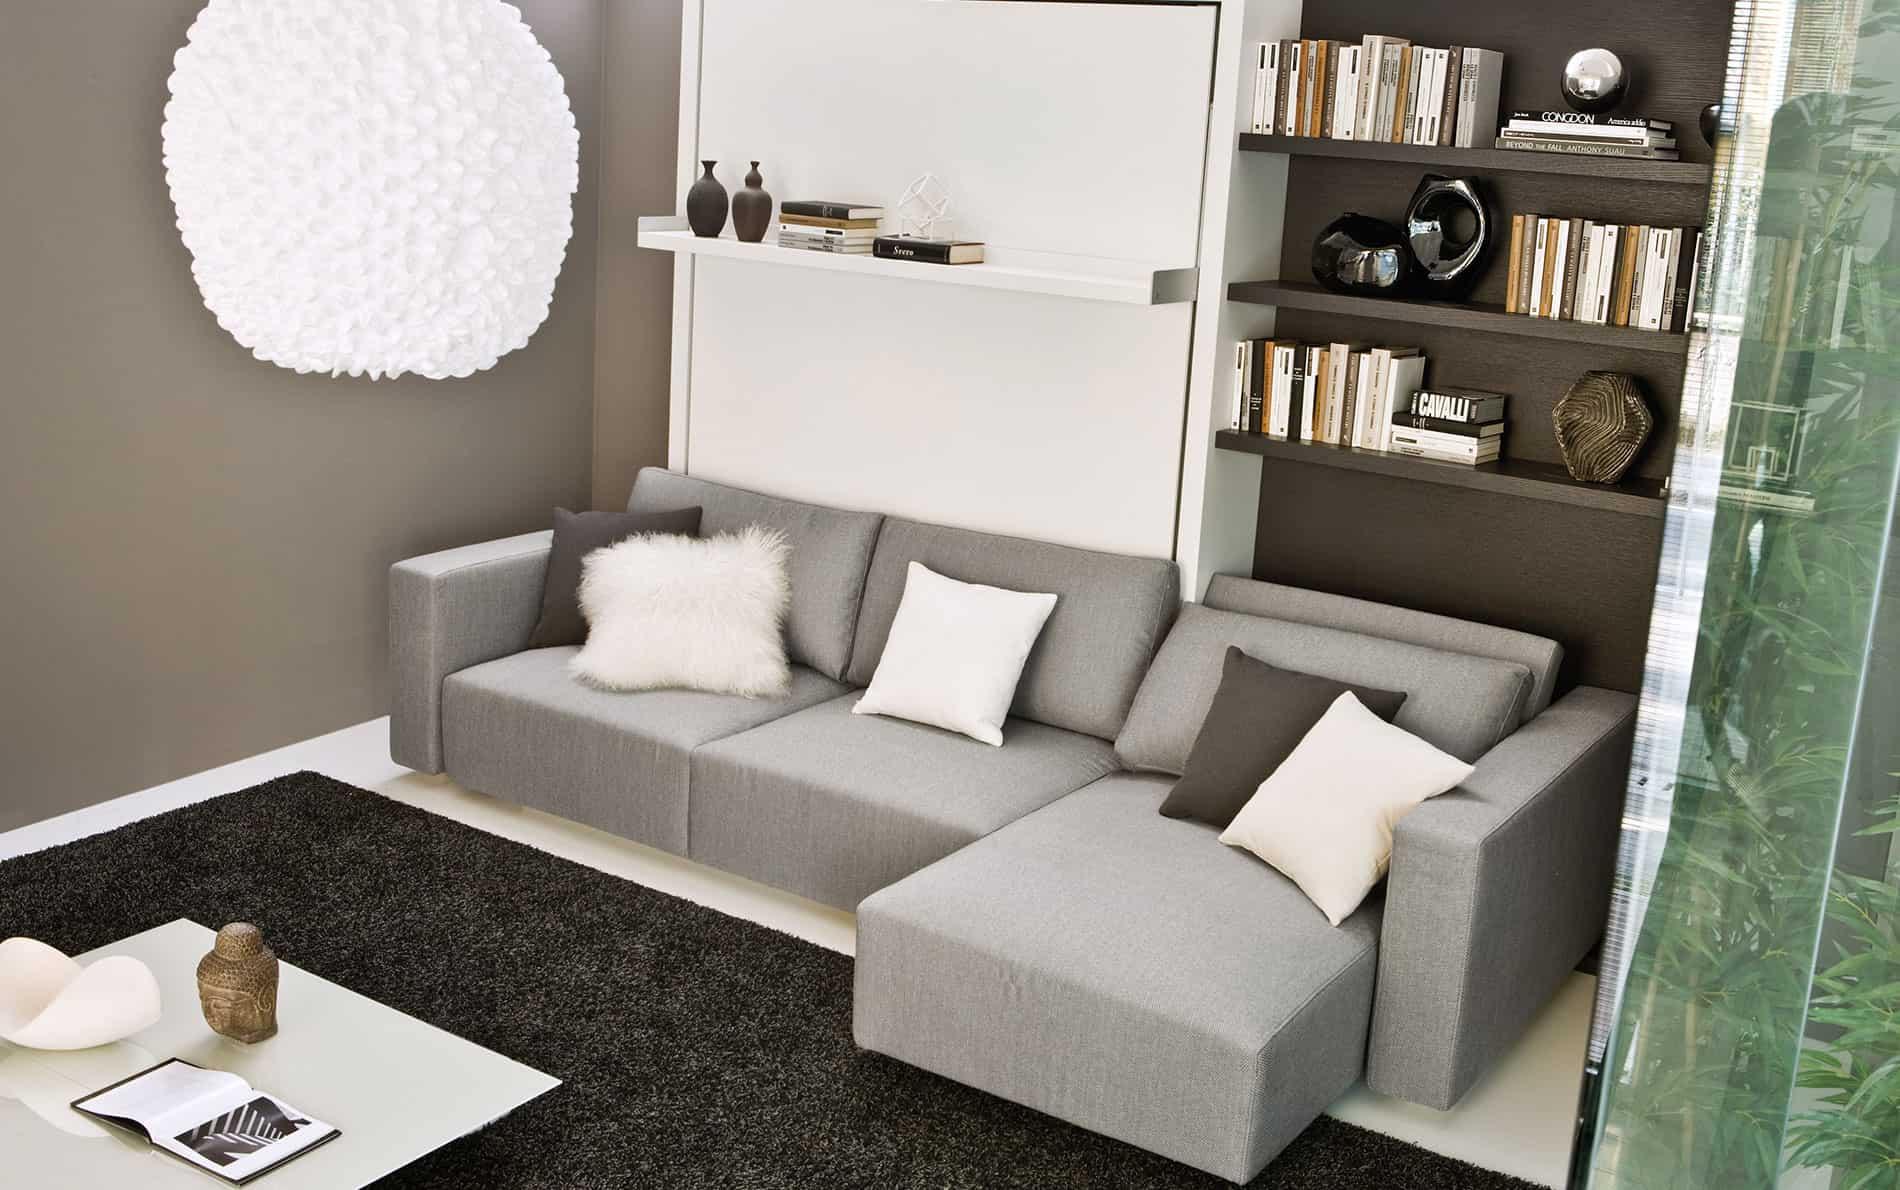 Clei Schrankbetten online kaufen | Möbel-Suchmaschine | ladendirekt.de